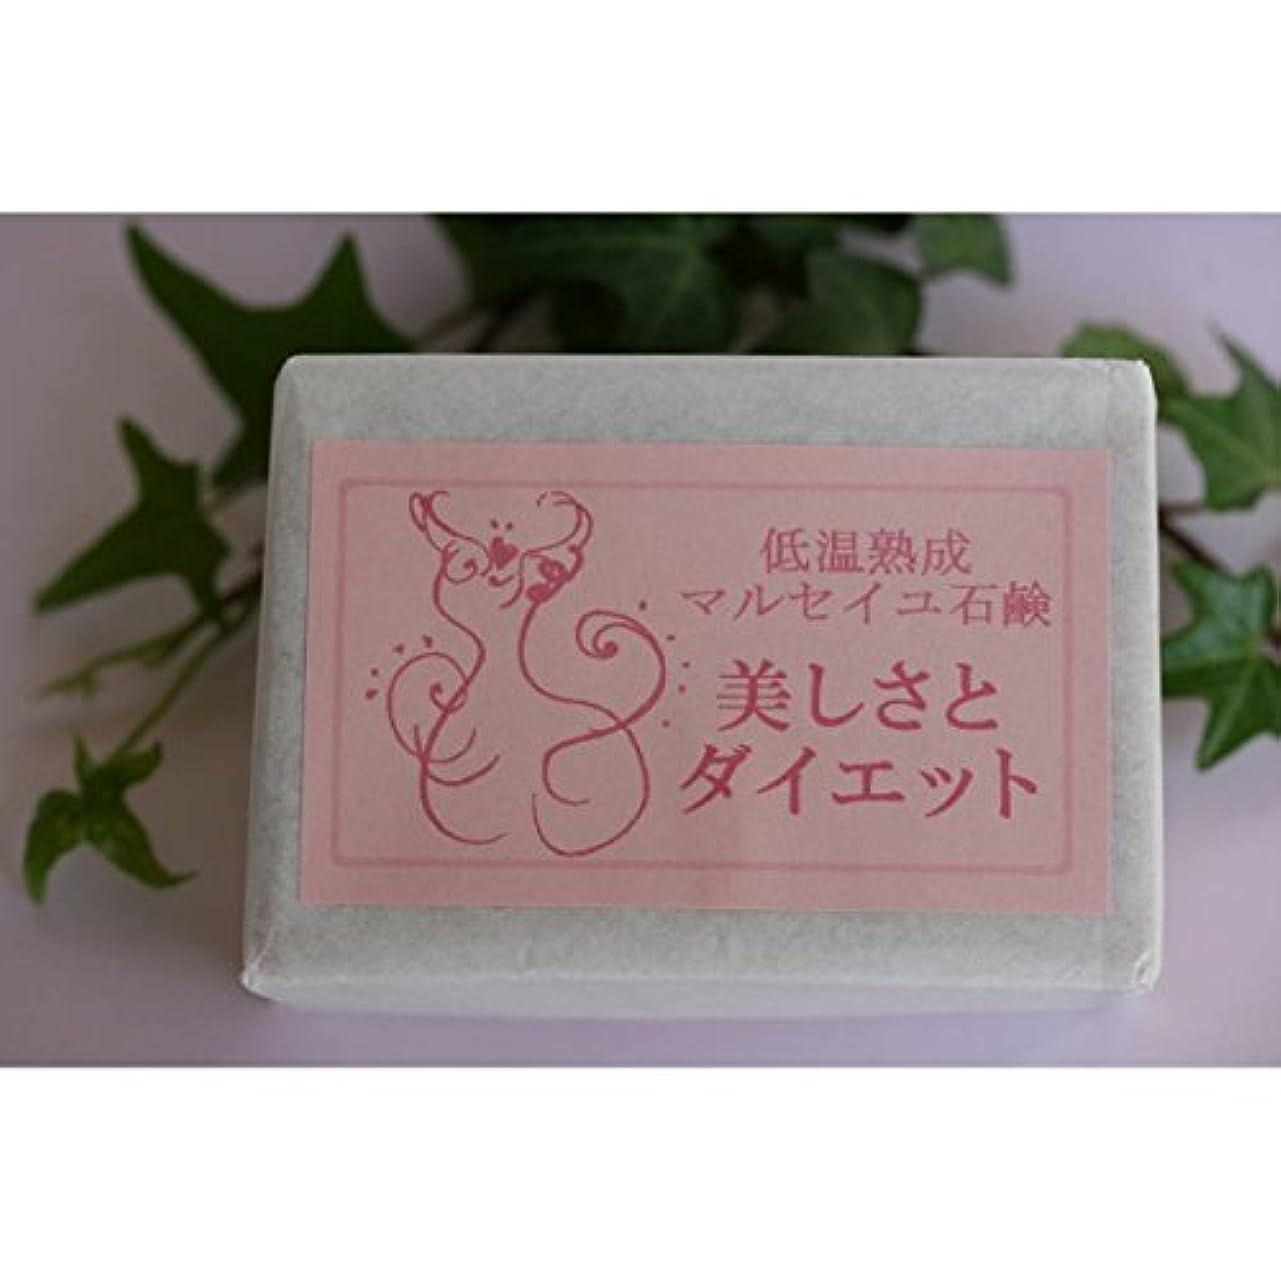 マウントフジ フラワーエッセンス 低温熟成 マルセイユ石鹸 美しさとダイエット (MTFUJI FLOWER ESSENCES)